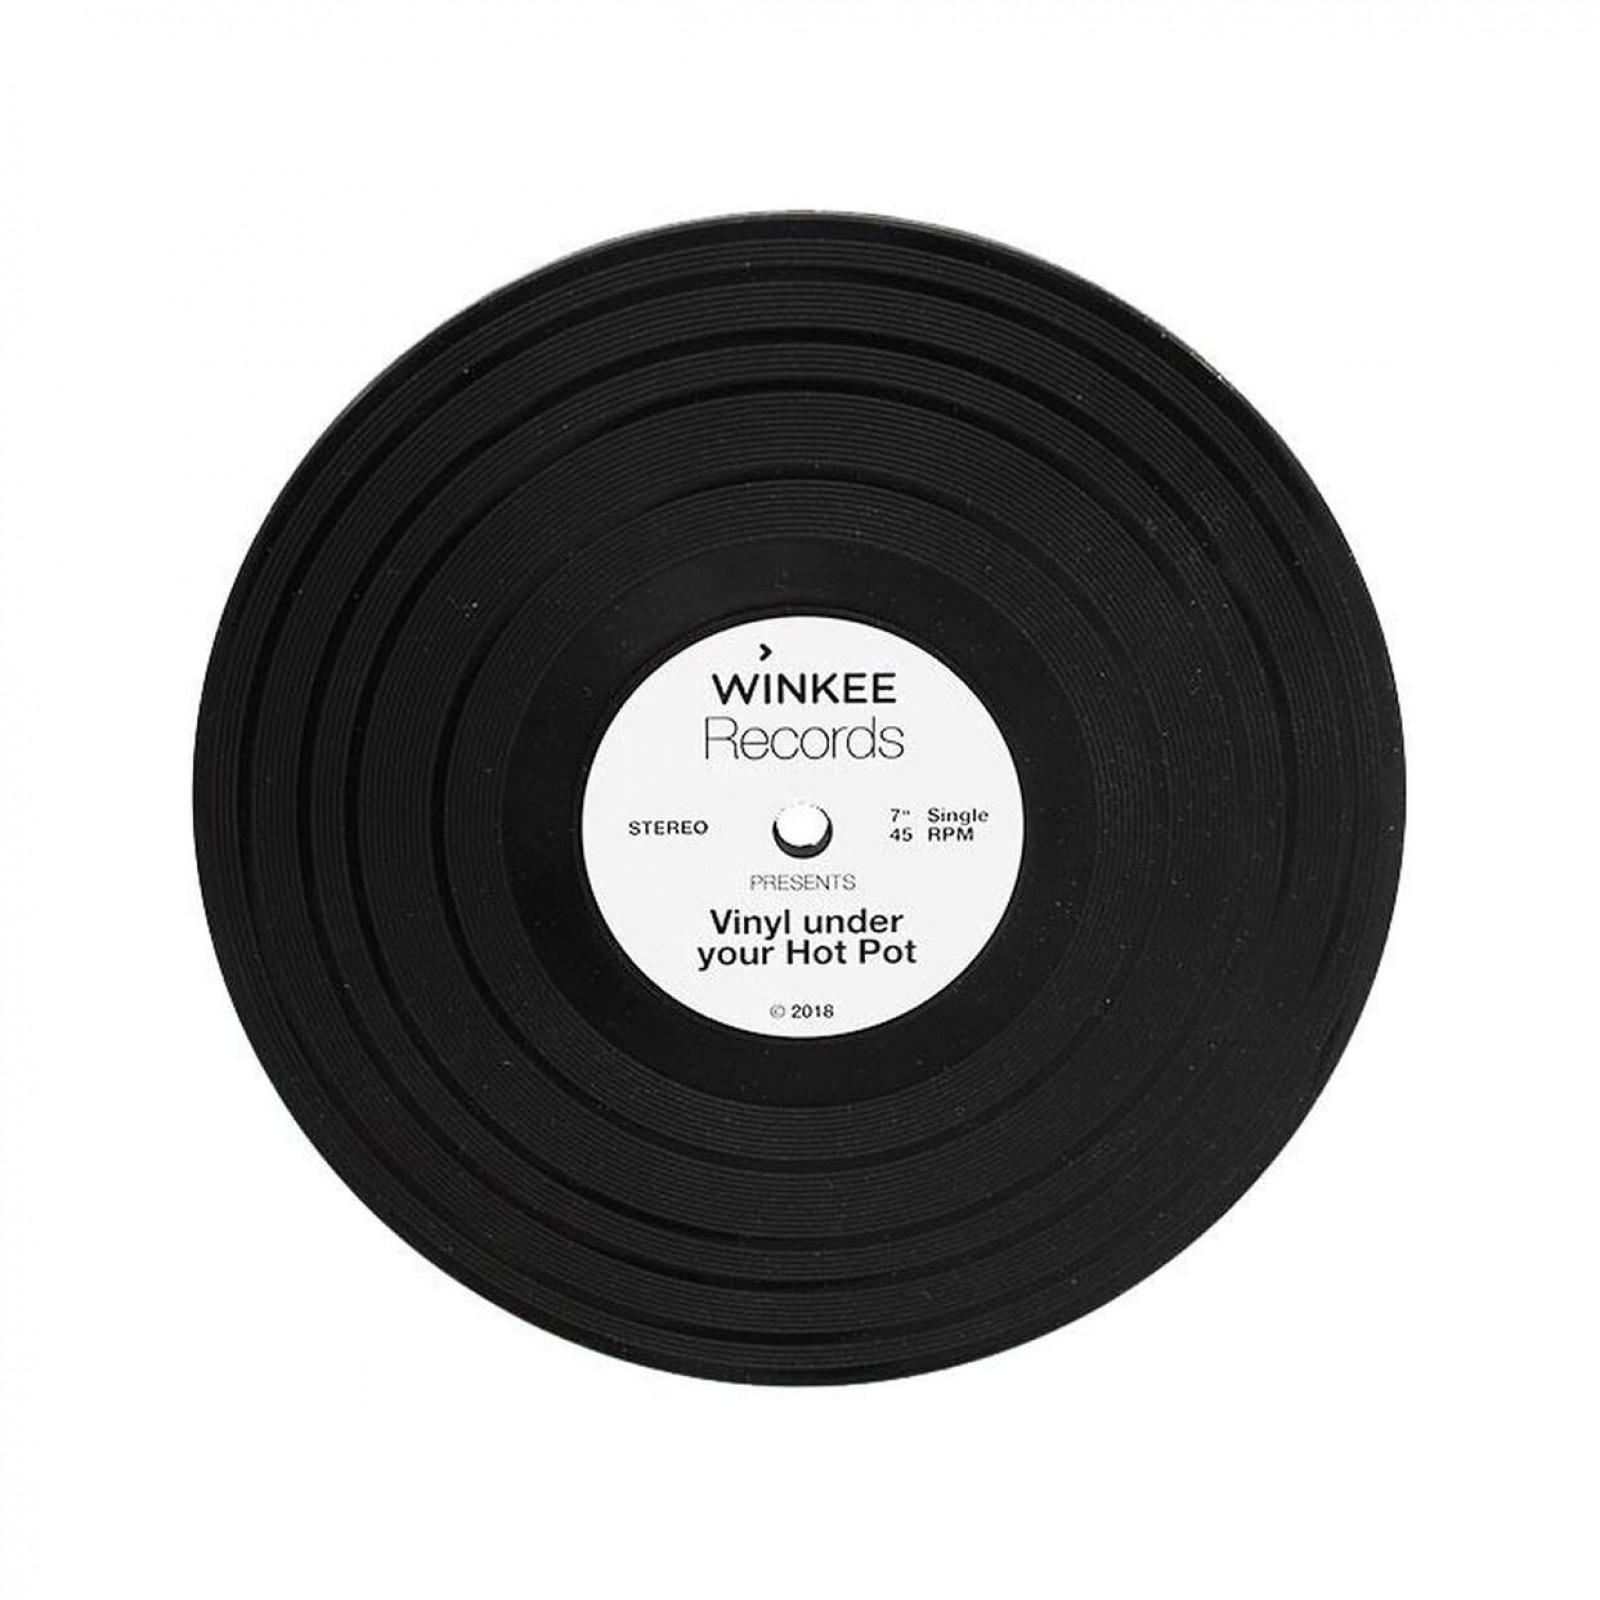 Βάση για Ζεστά Σκεύη Vinyl Record (Σιλικόνη)